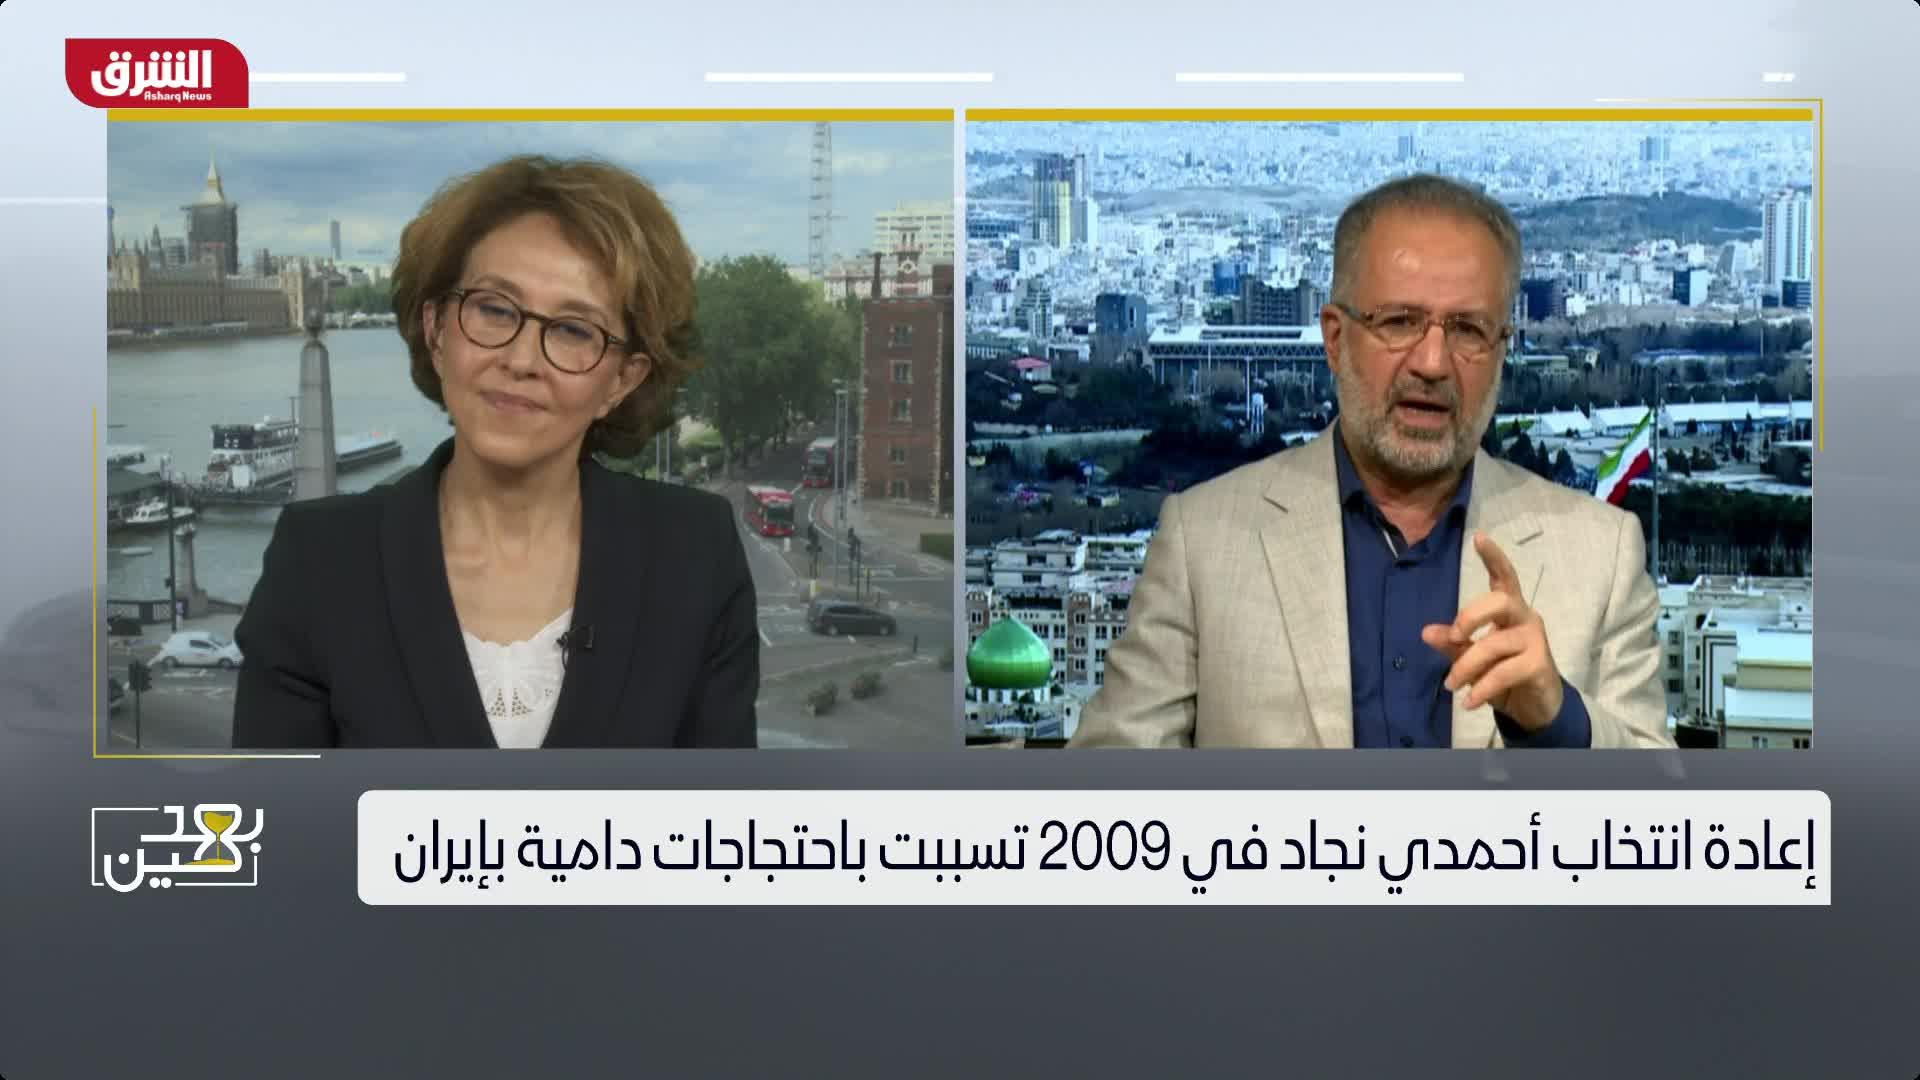 ما الذي يمنع السلطات الإيرانية من محاكمة قادة الحركة الخضراء؟